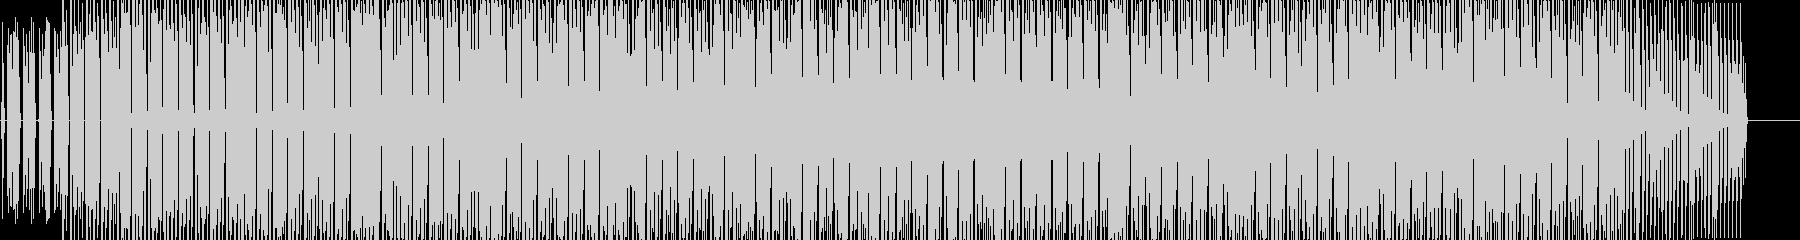 謎めいた感じのミニマムDeepHouseの未再生の波形